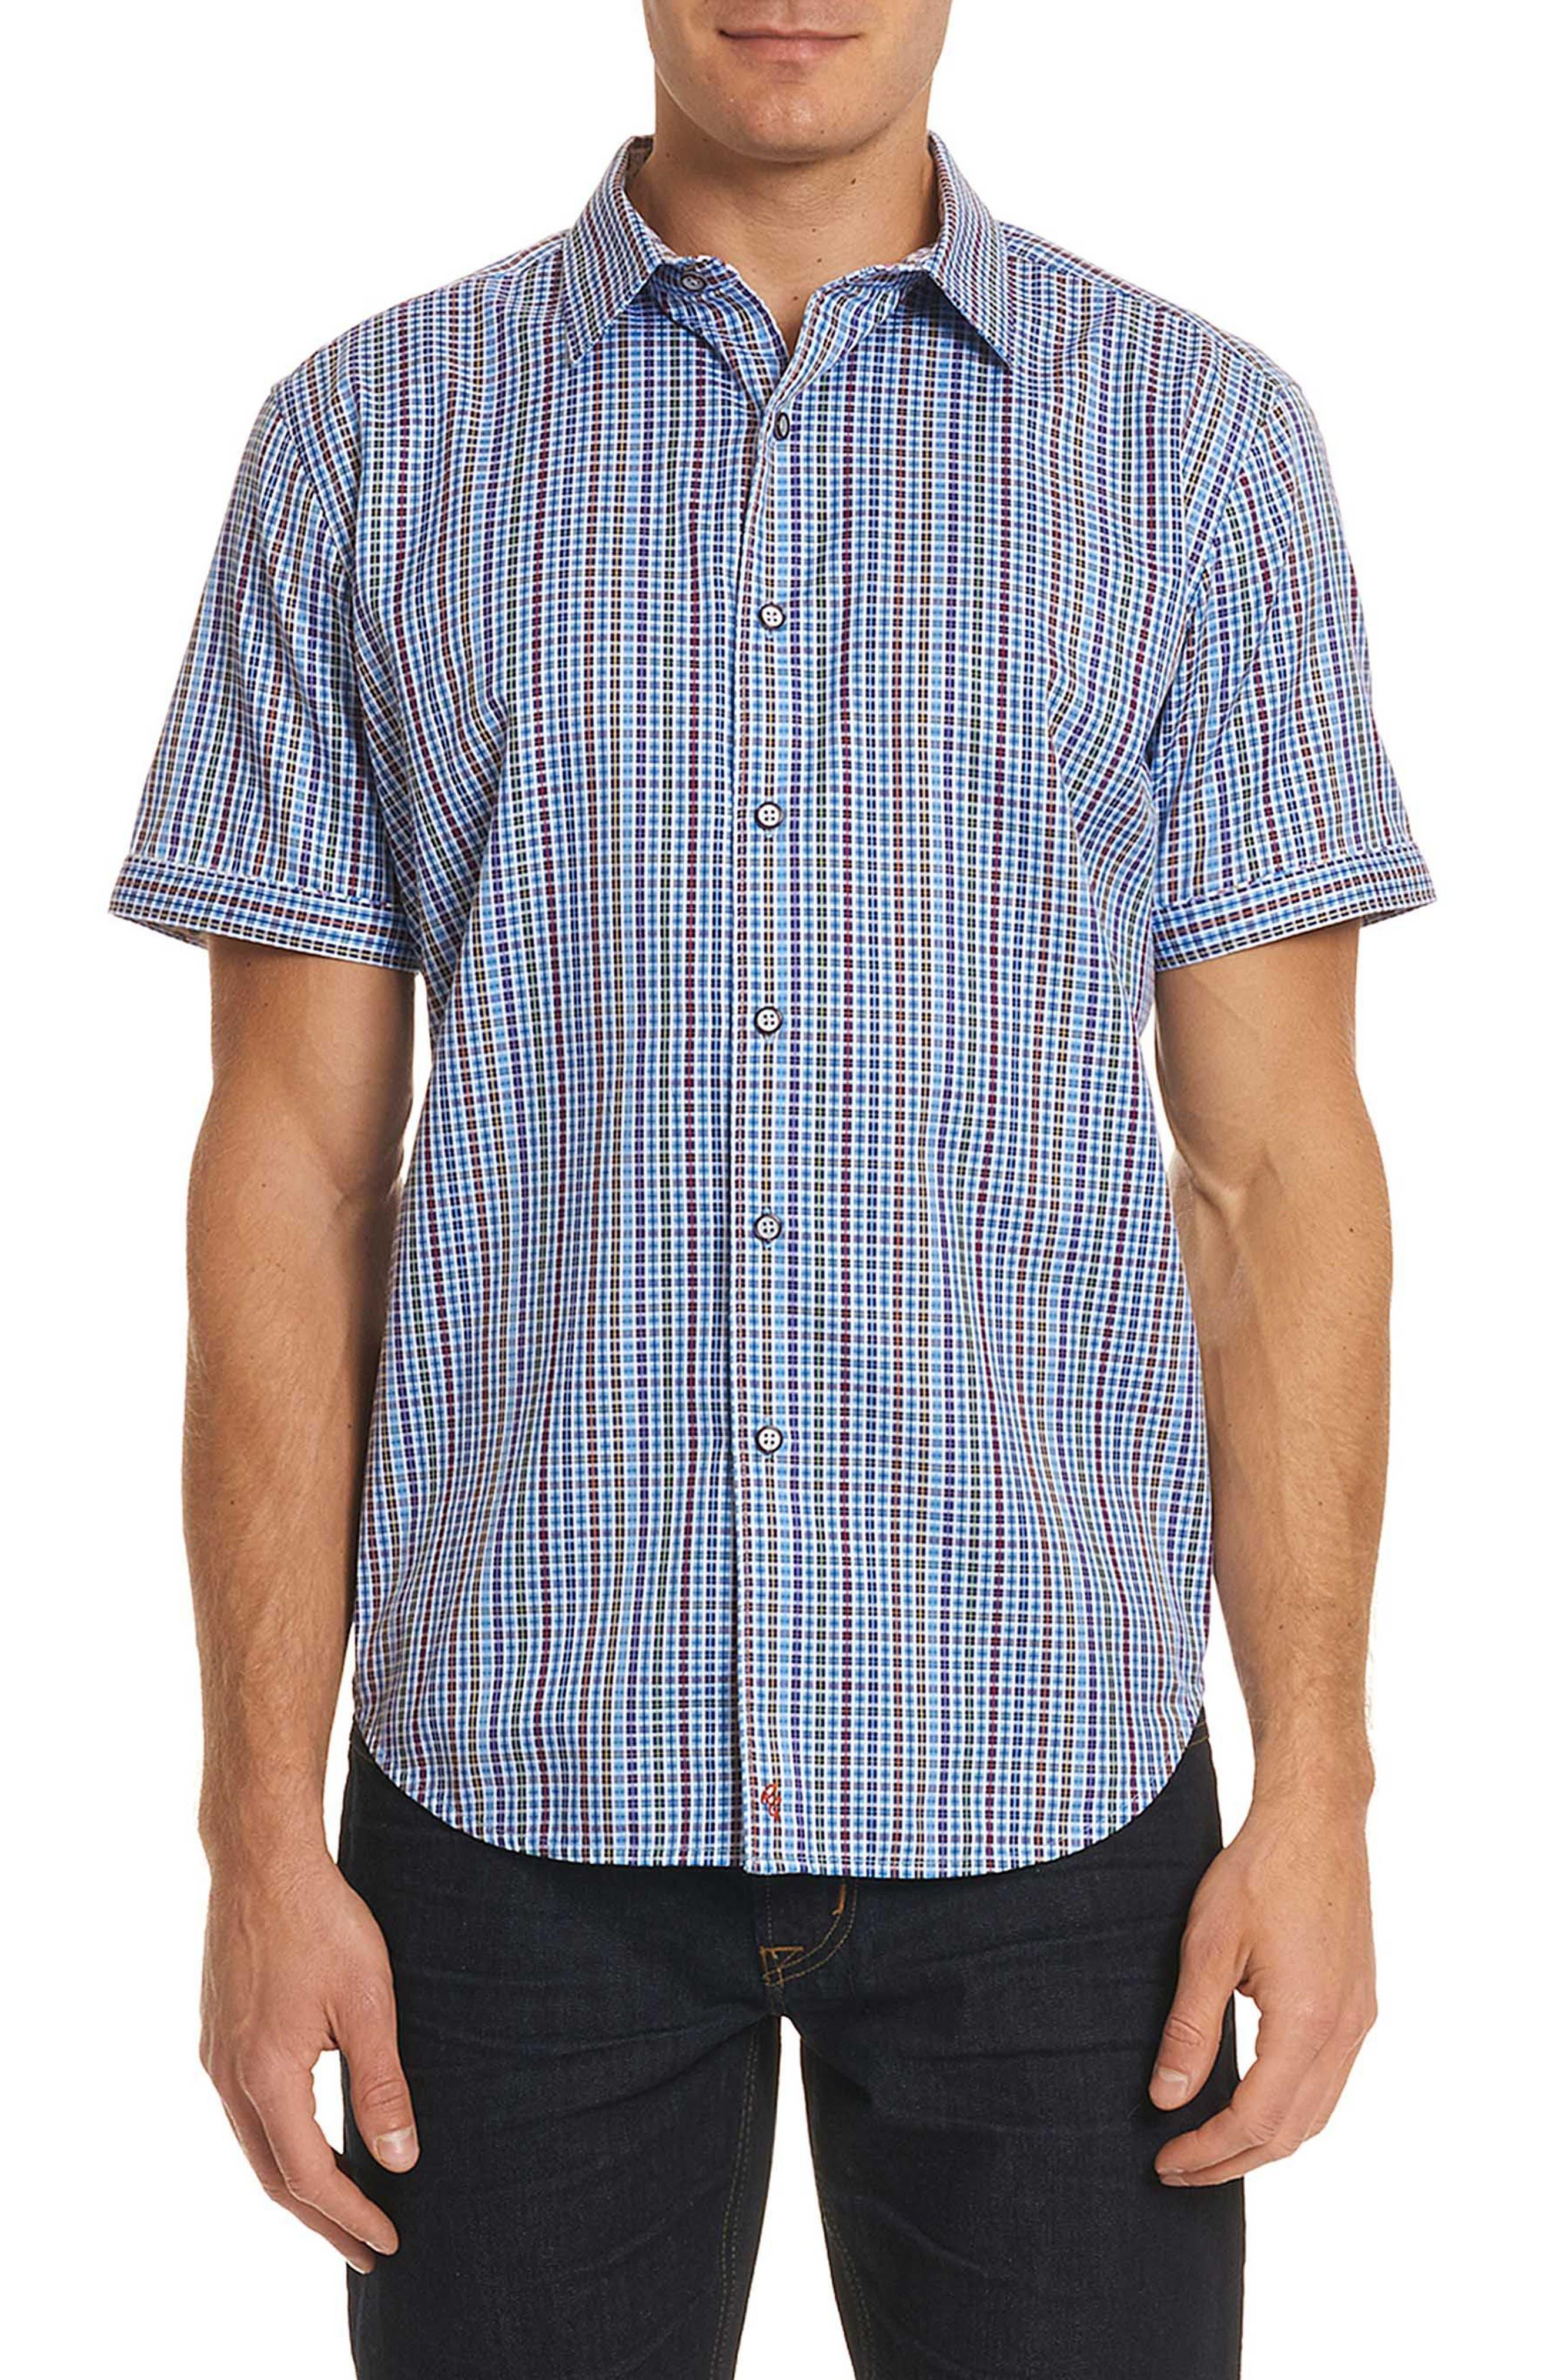 Palma Classic Fit Plaid Sport Shirt,                         Main,                         color, 450